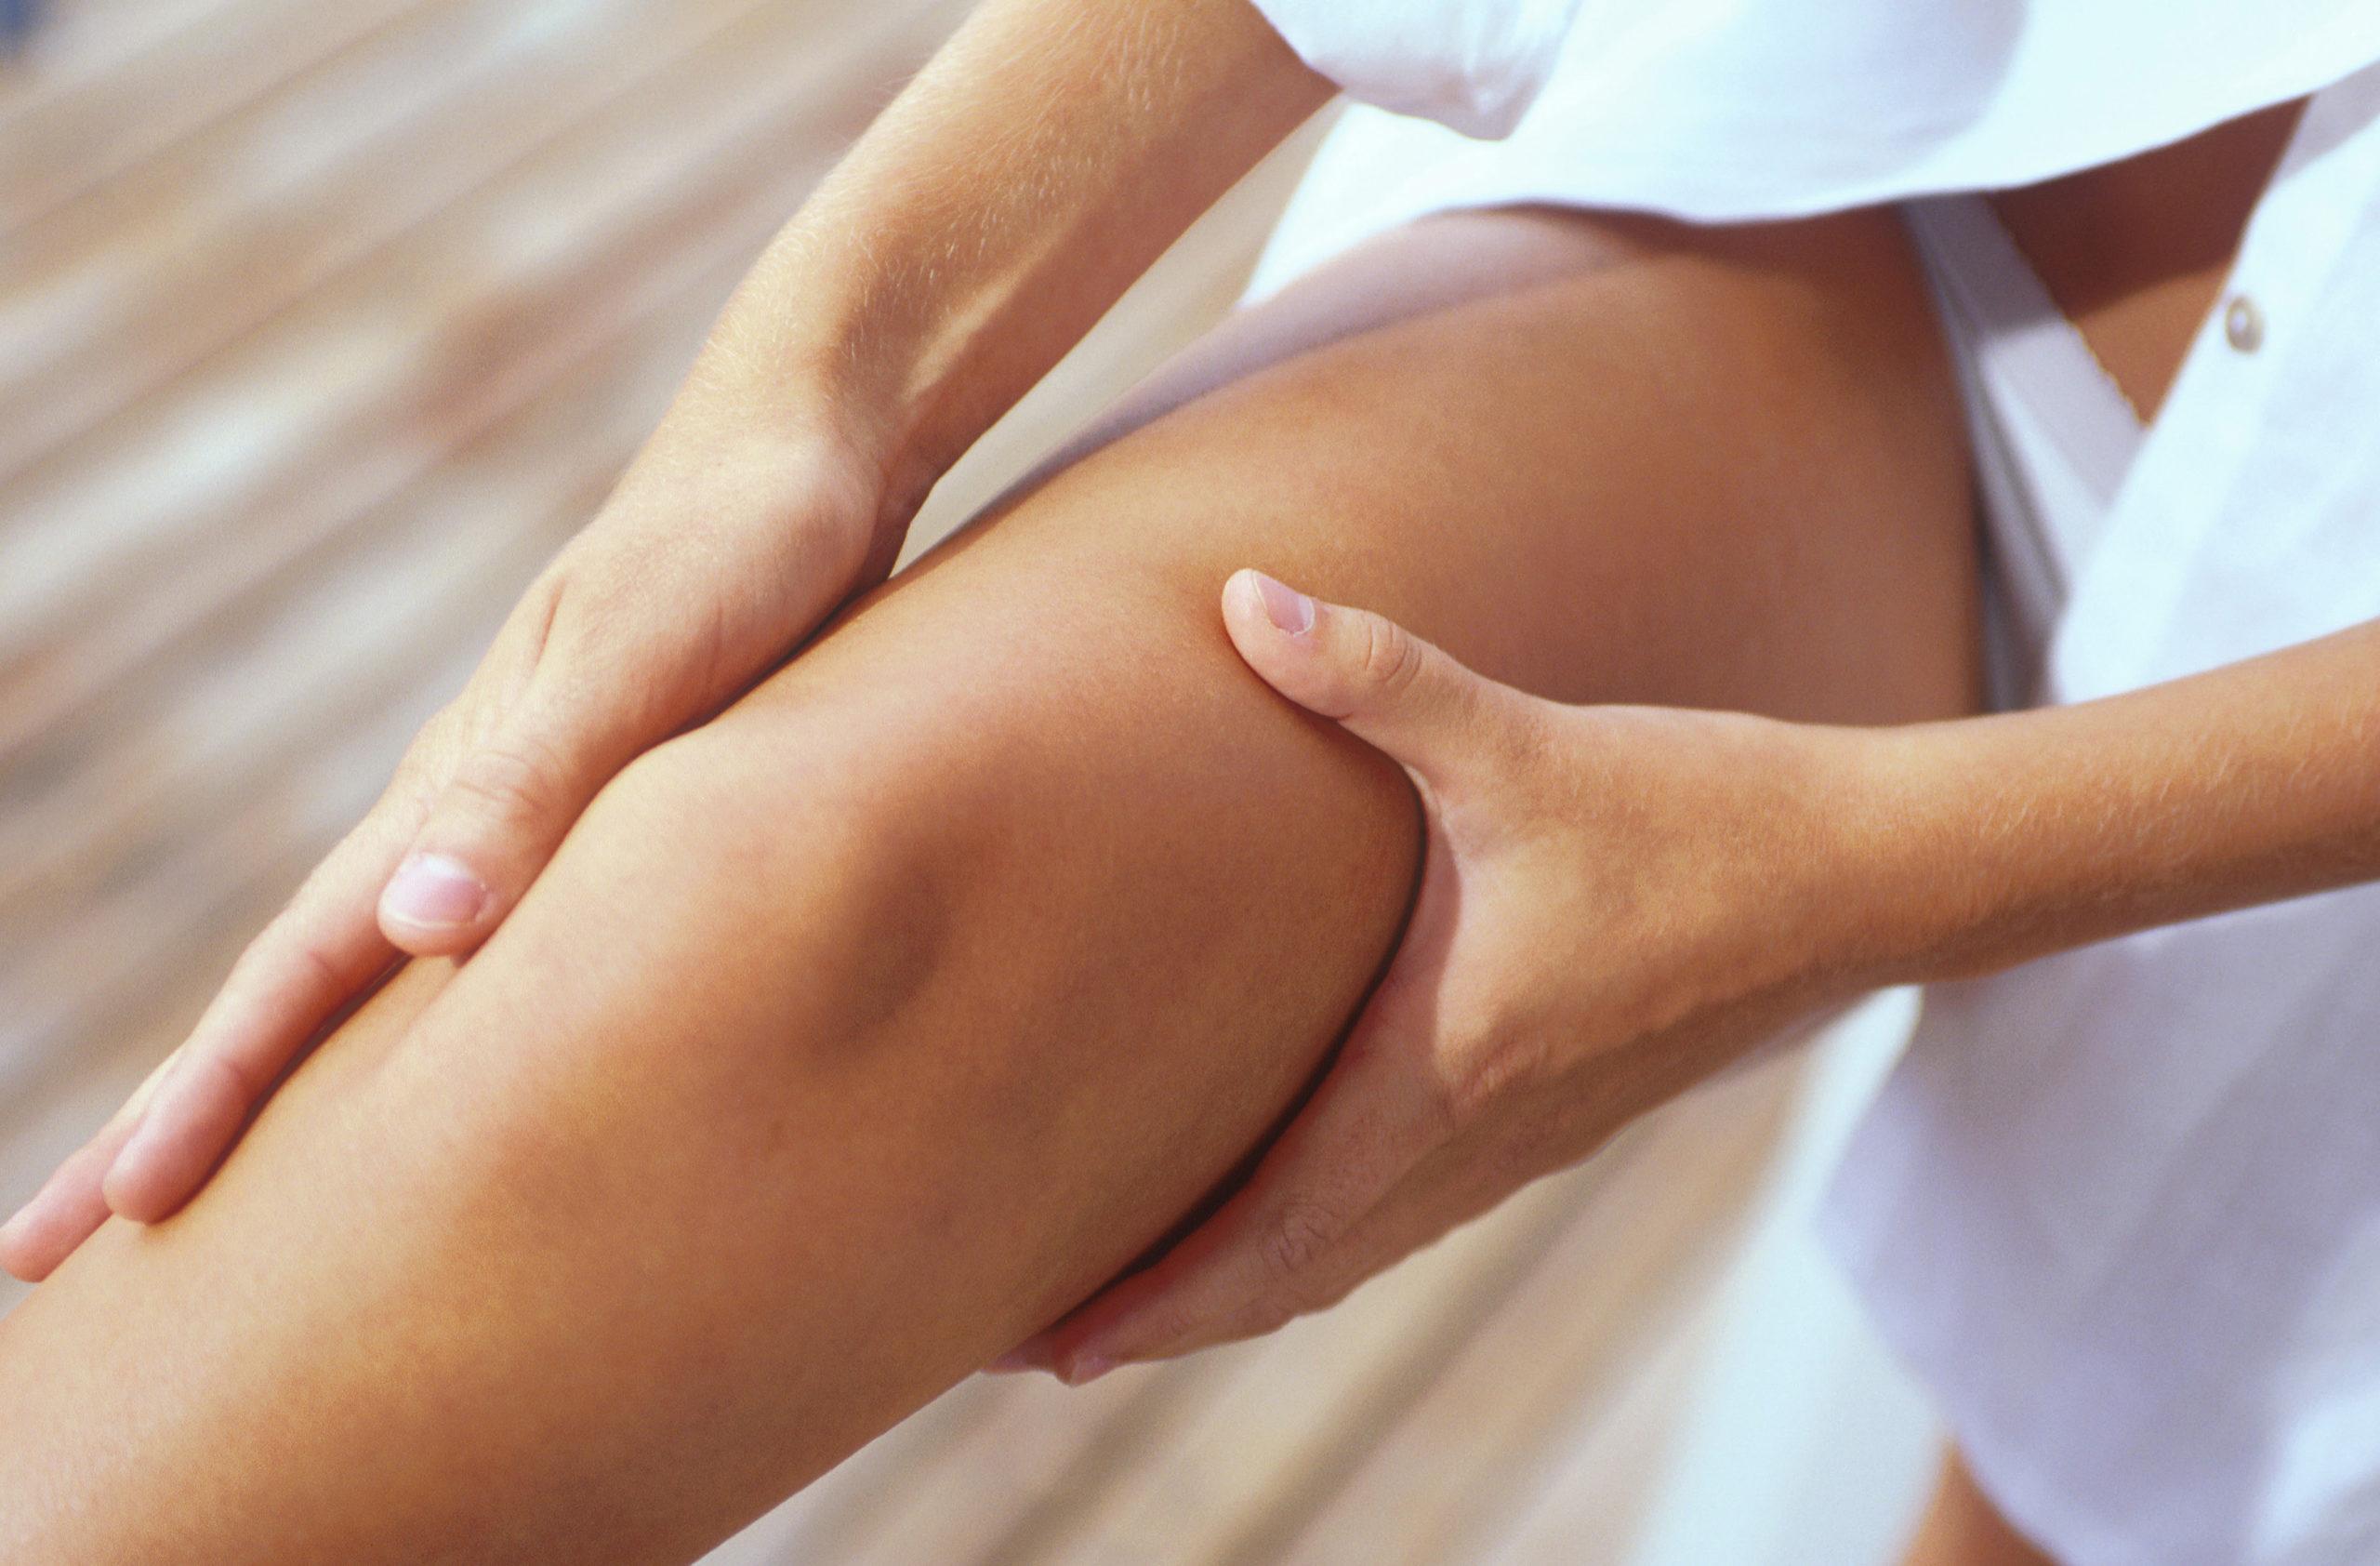 Точка на ноге для лечения